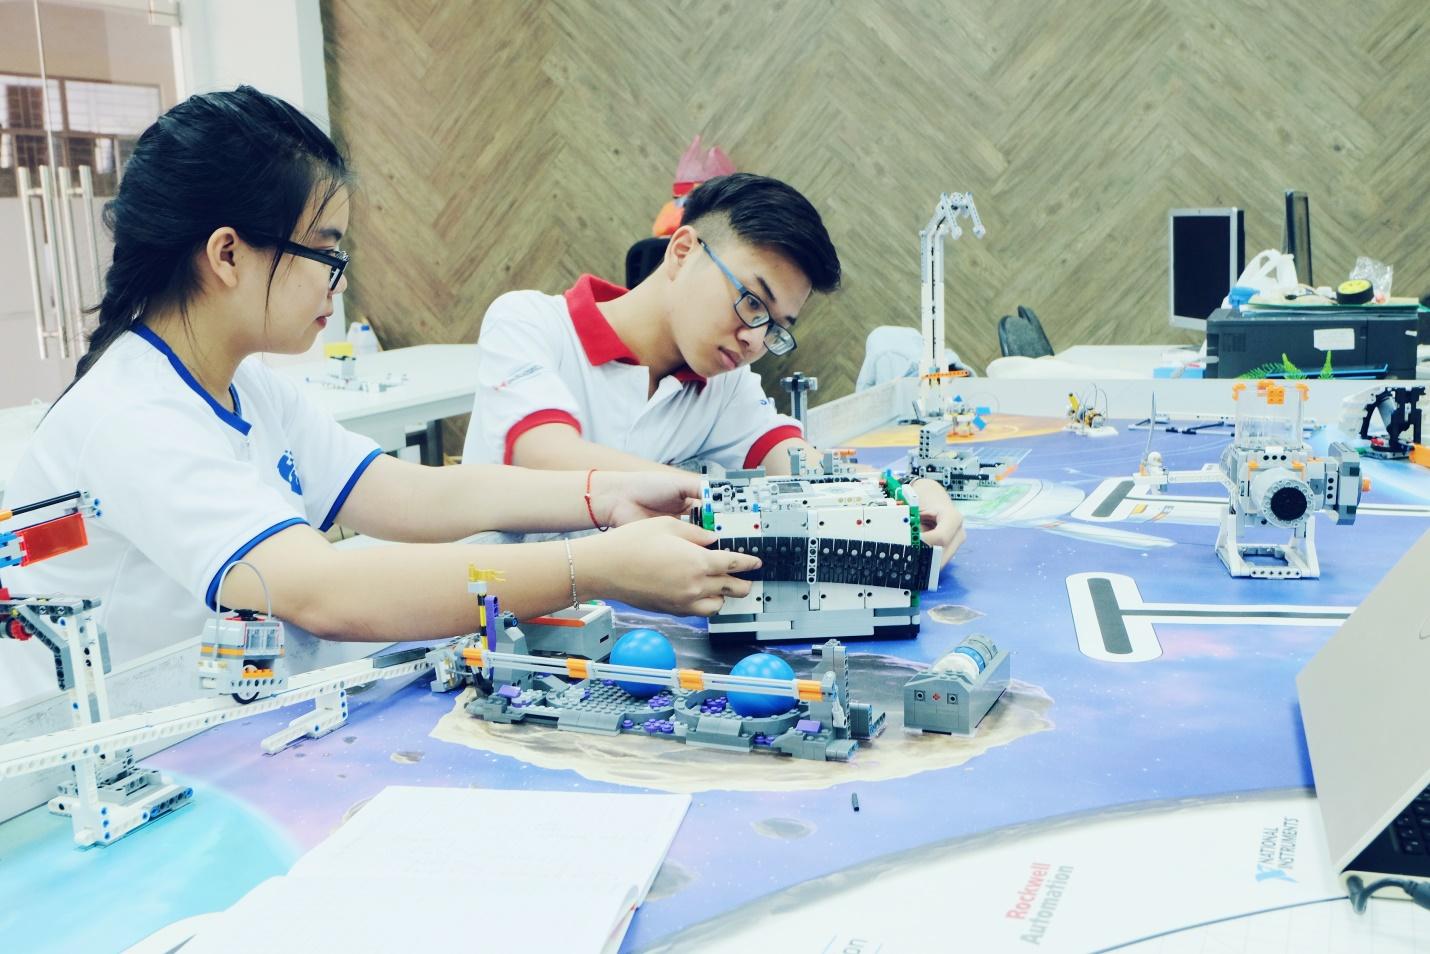 Gen Z và công nghệ: Những người trẻ này đang học đại học như thế nào? - Ảnh 7.